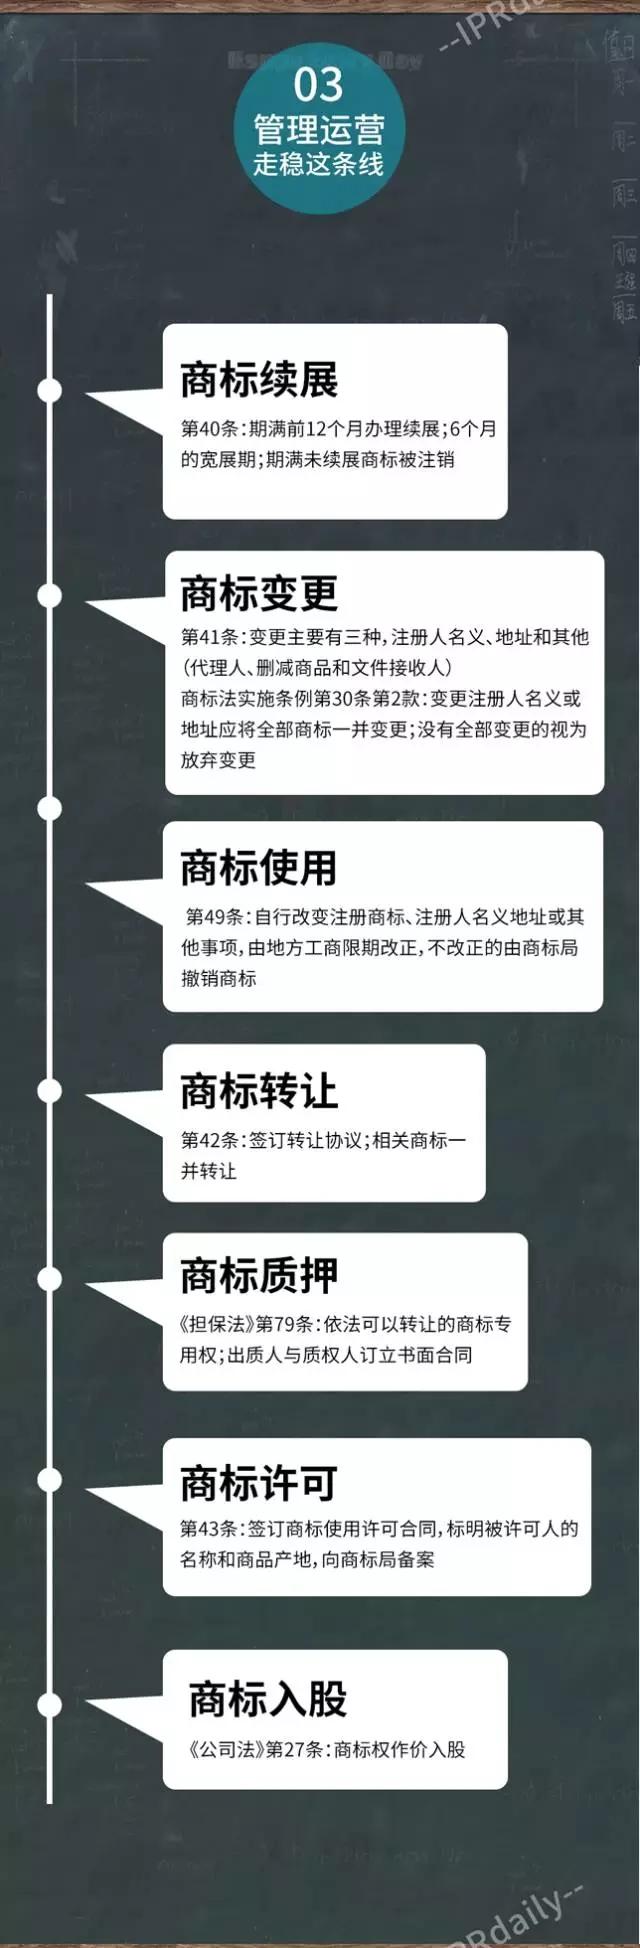 一图看懂商标权经营全流程(建议收藏)